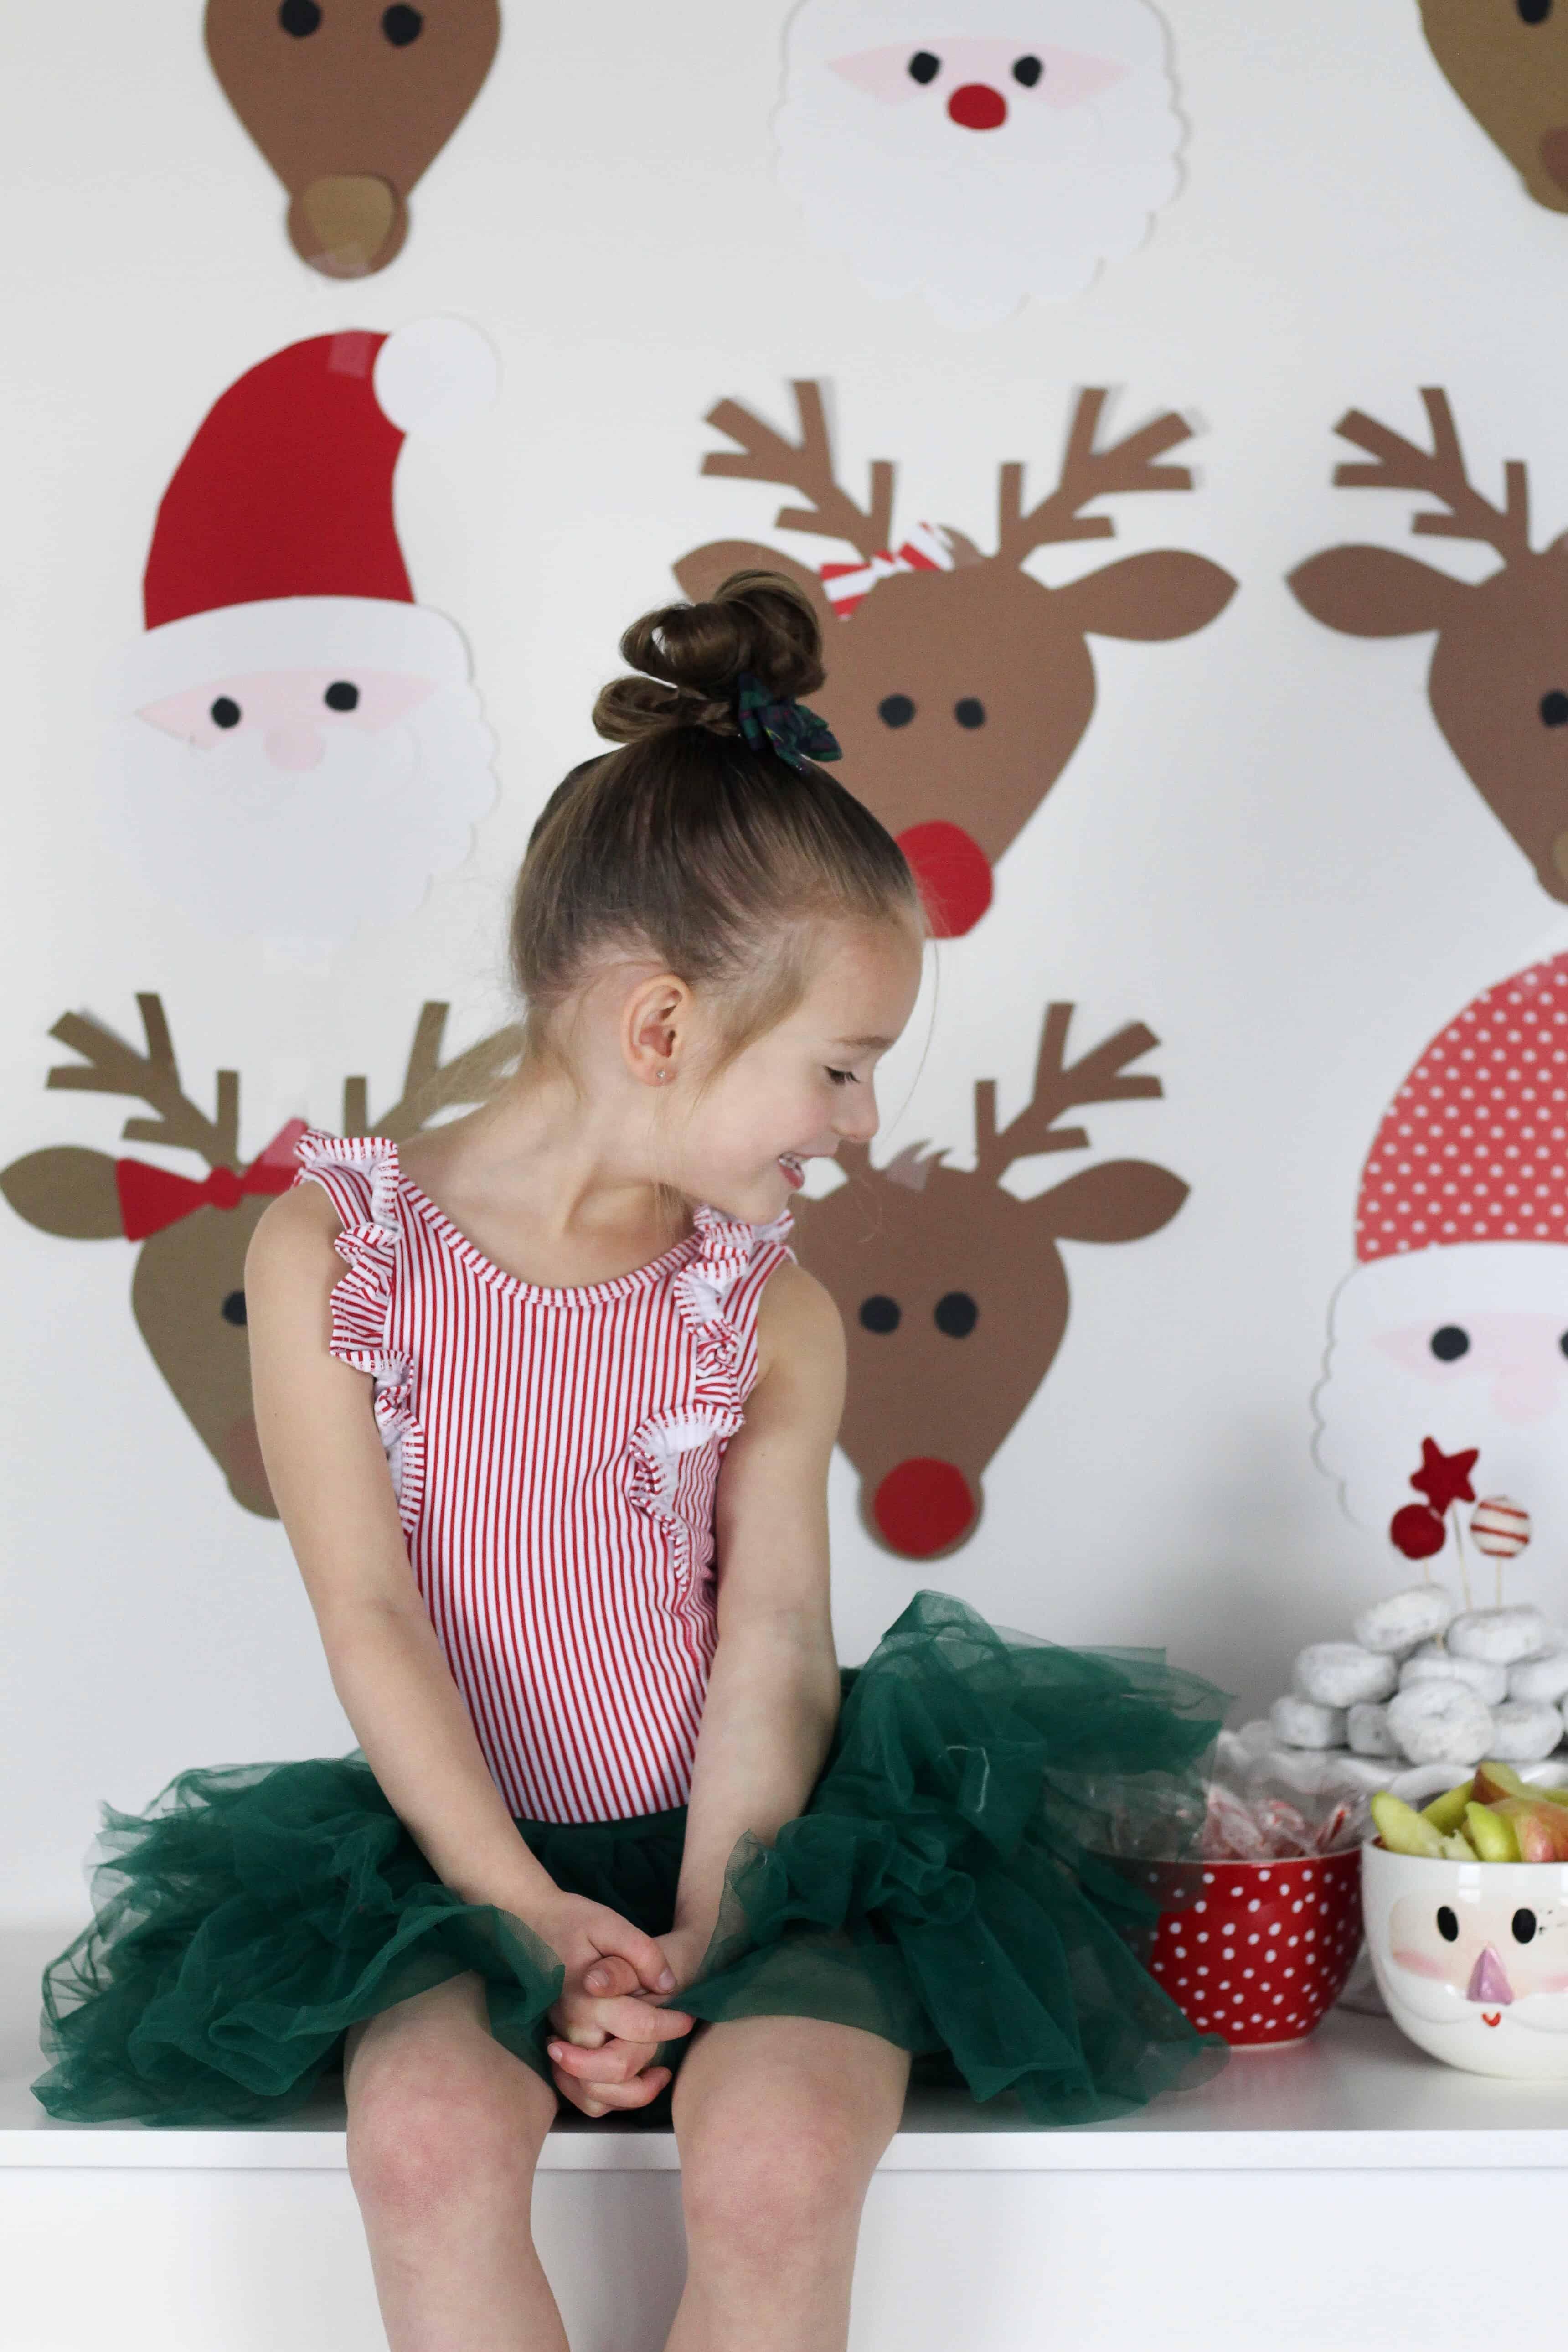 Little girl at Christmas brunch